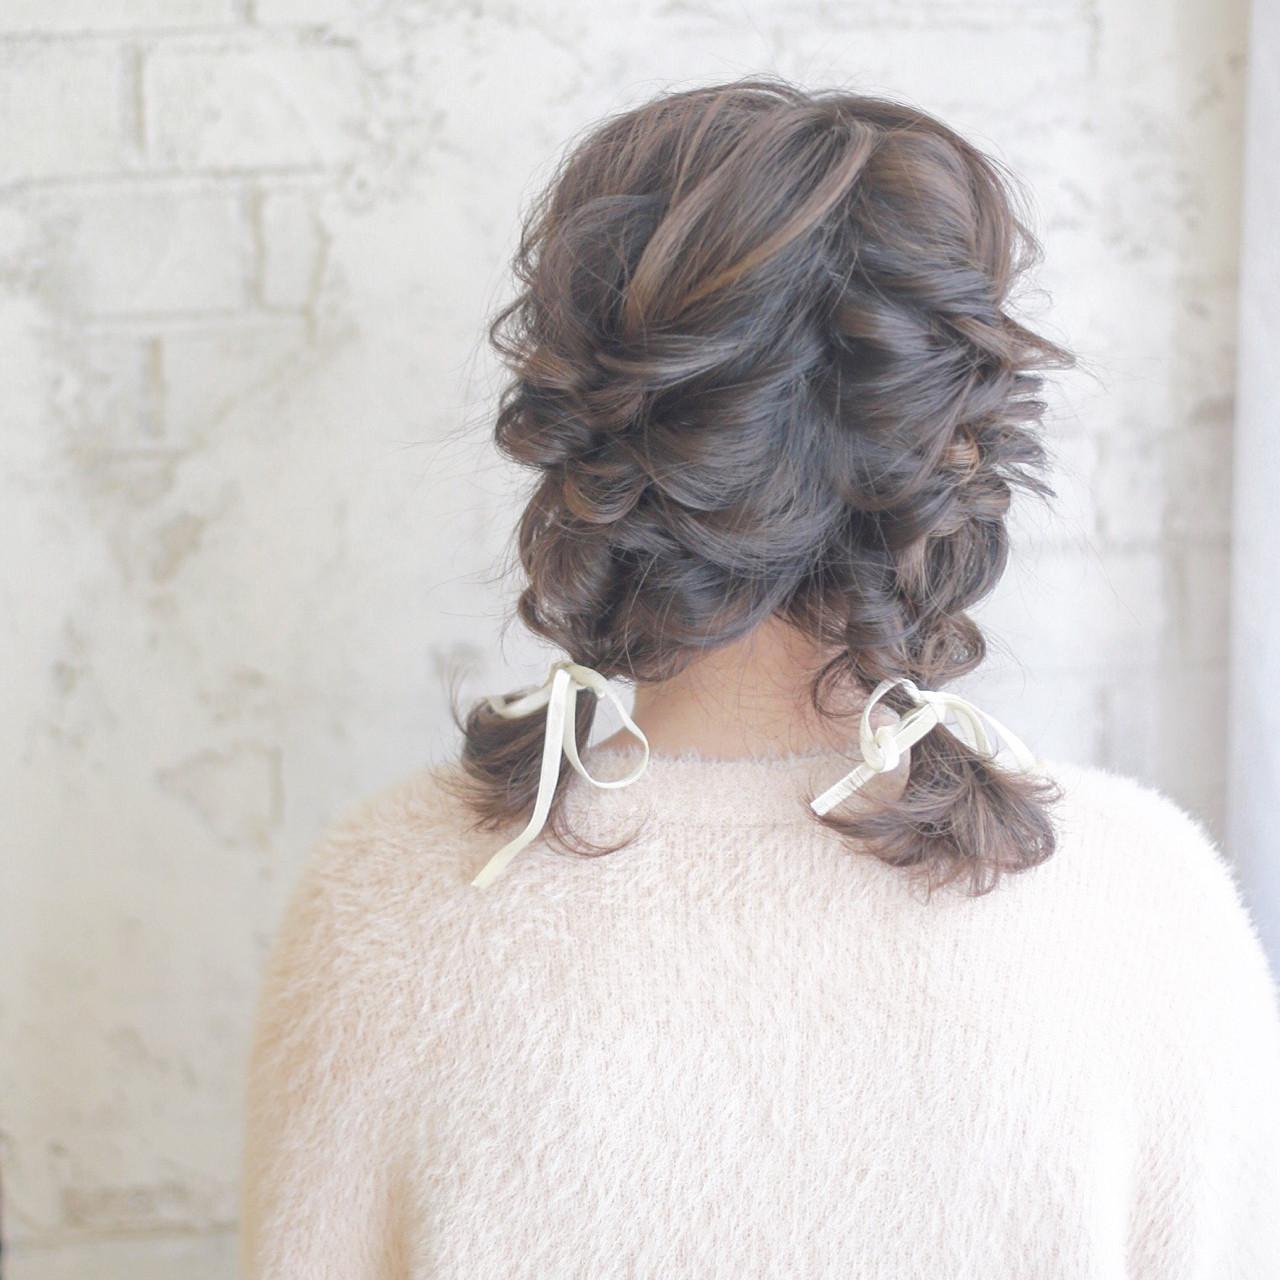 ハイライト 簡単ヘアアレンジ ミディアム ヘアアレンジ ヘアスタイルや髪型の写真・画像 | 谷本将太 nalu hair / nalu hair  (ナルーヘアー)